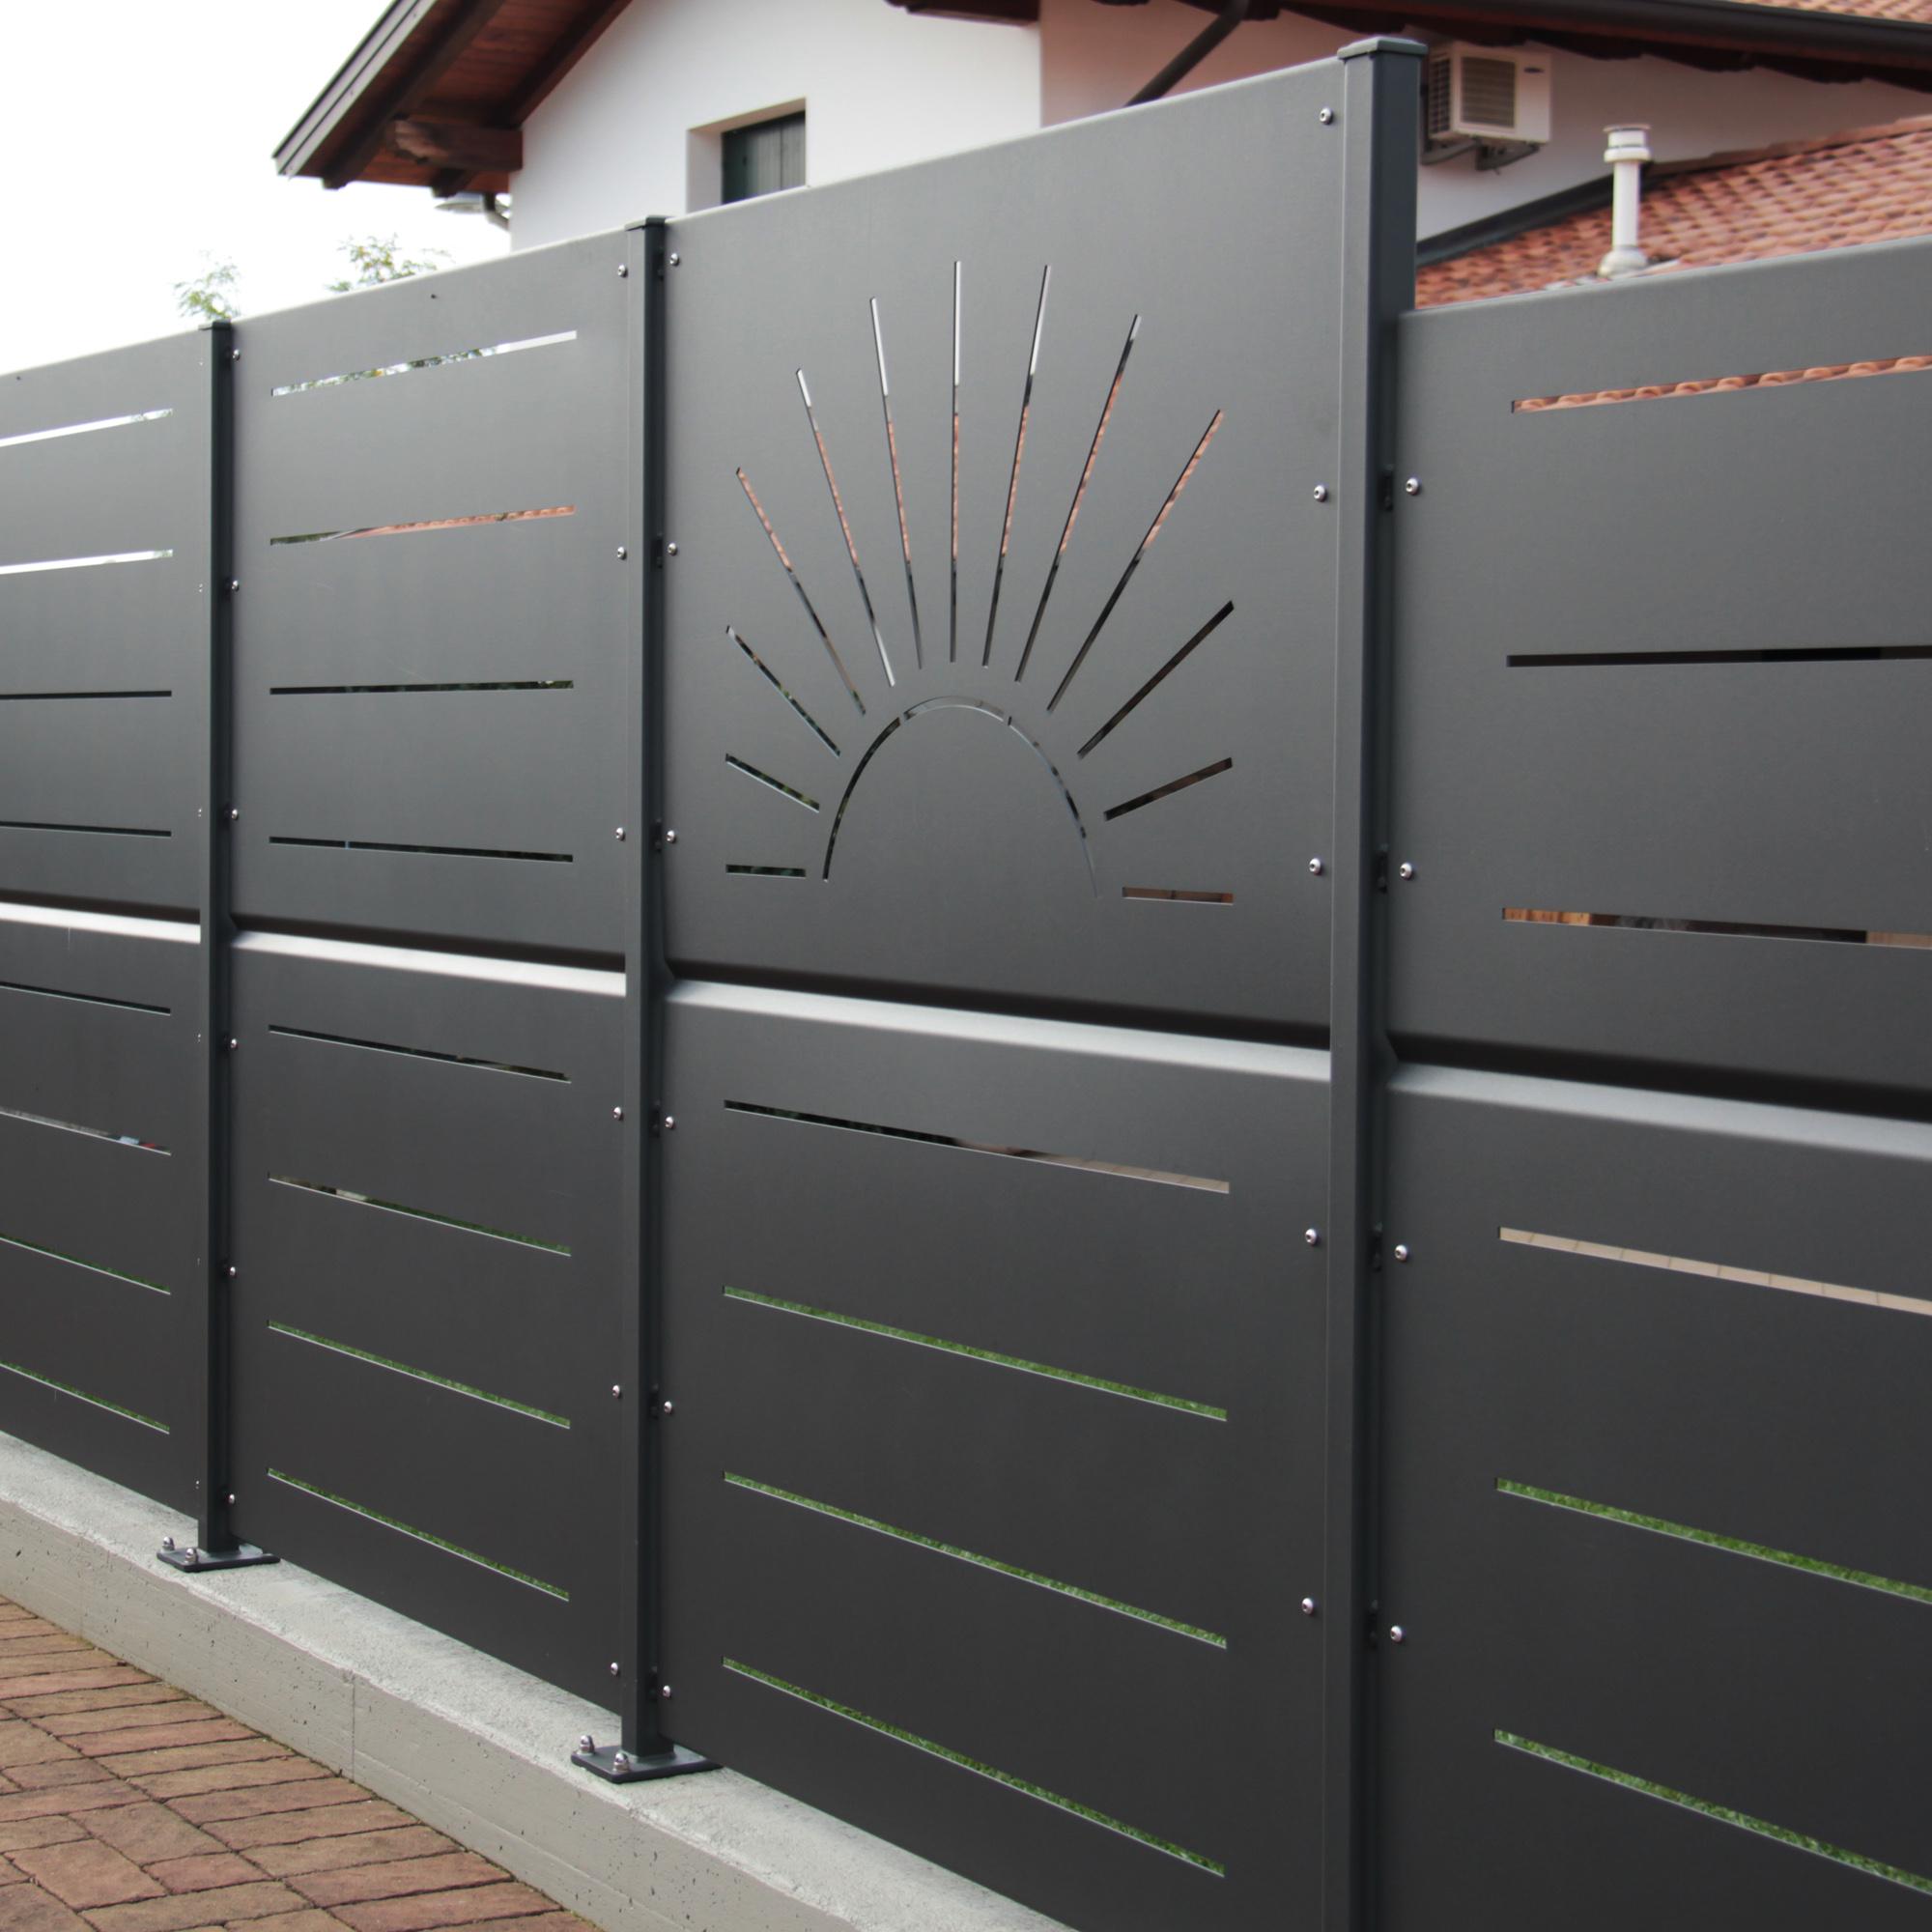 Famoso Eurosafer snc - Cancello Moderno DX41